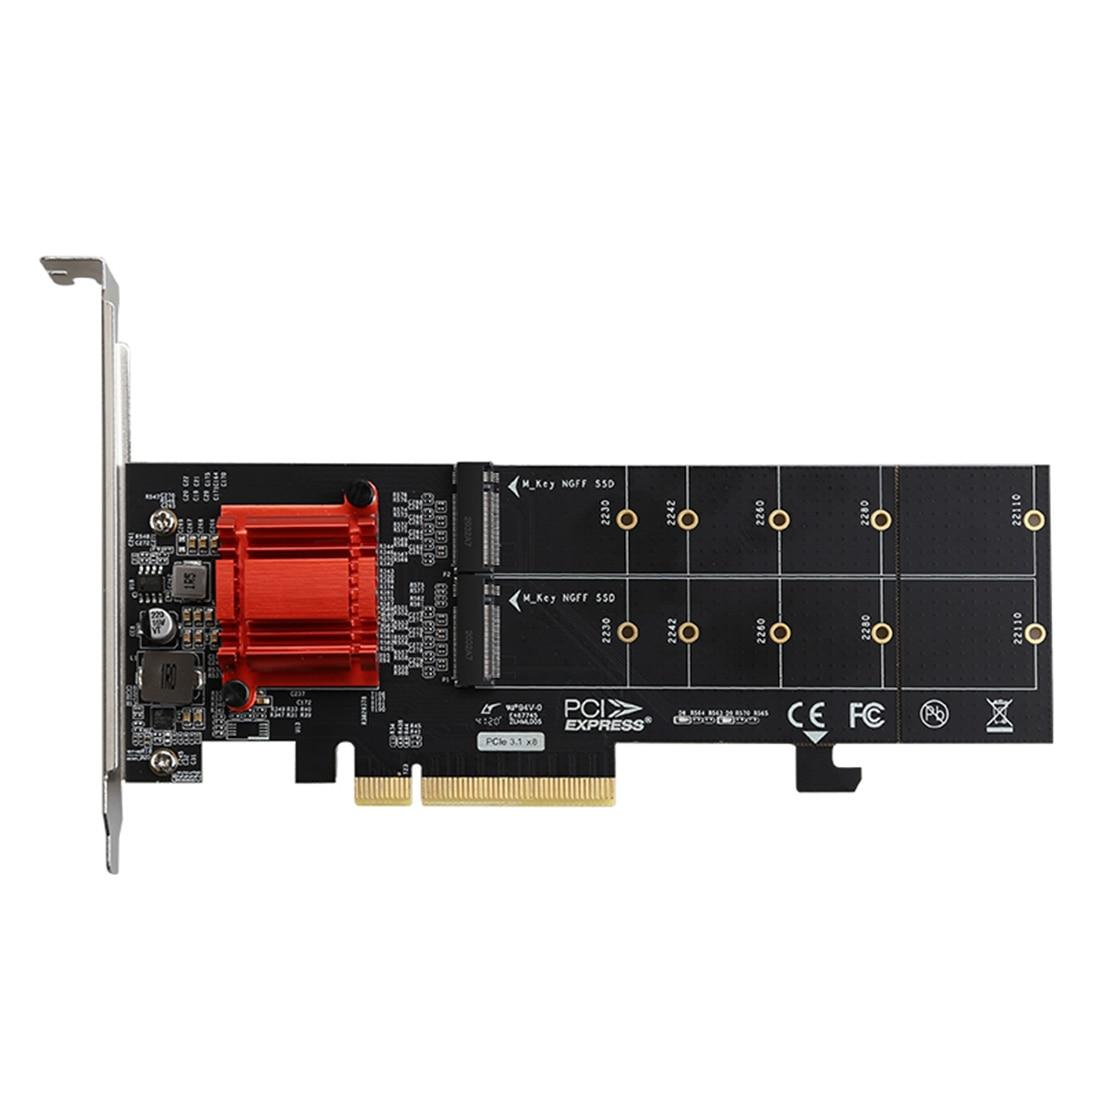 DIEWU TXB122 PCIe 3,1x8 ASM1812 до 2 портов M.2 SSD адаптер карта расширения двойной M-key конвертер PCI-E для NVME 2230-22110 SSD